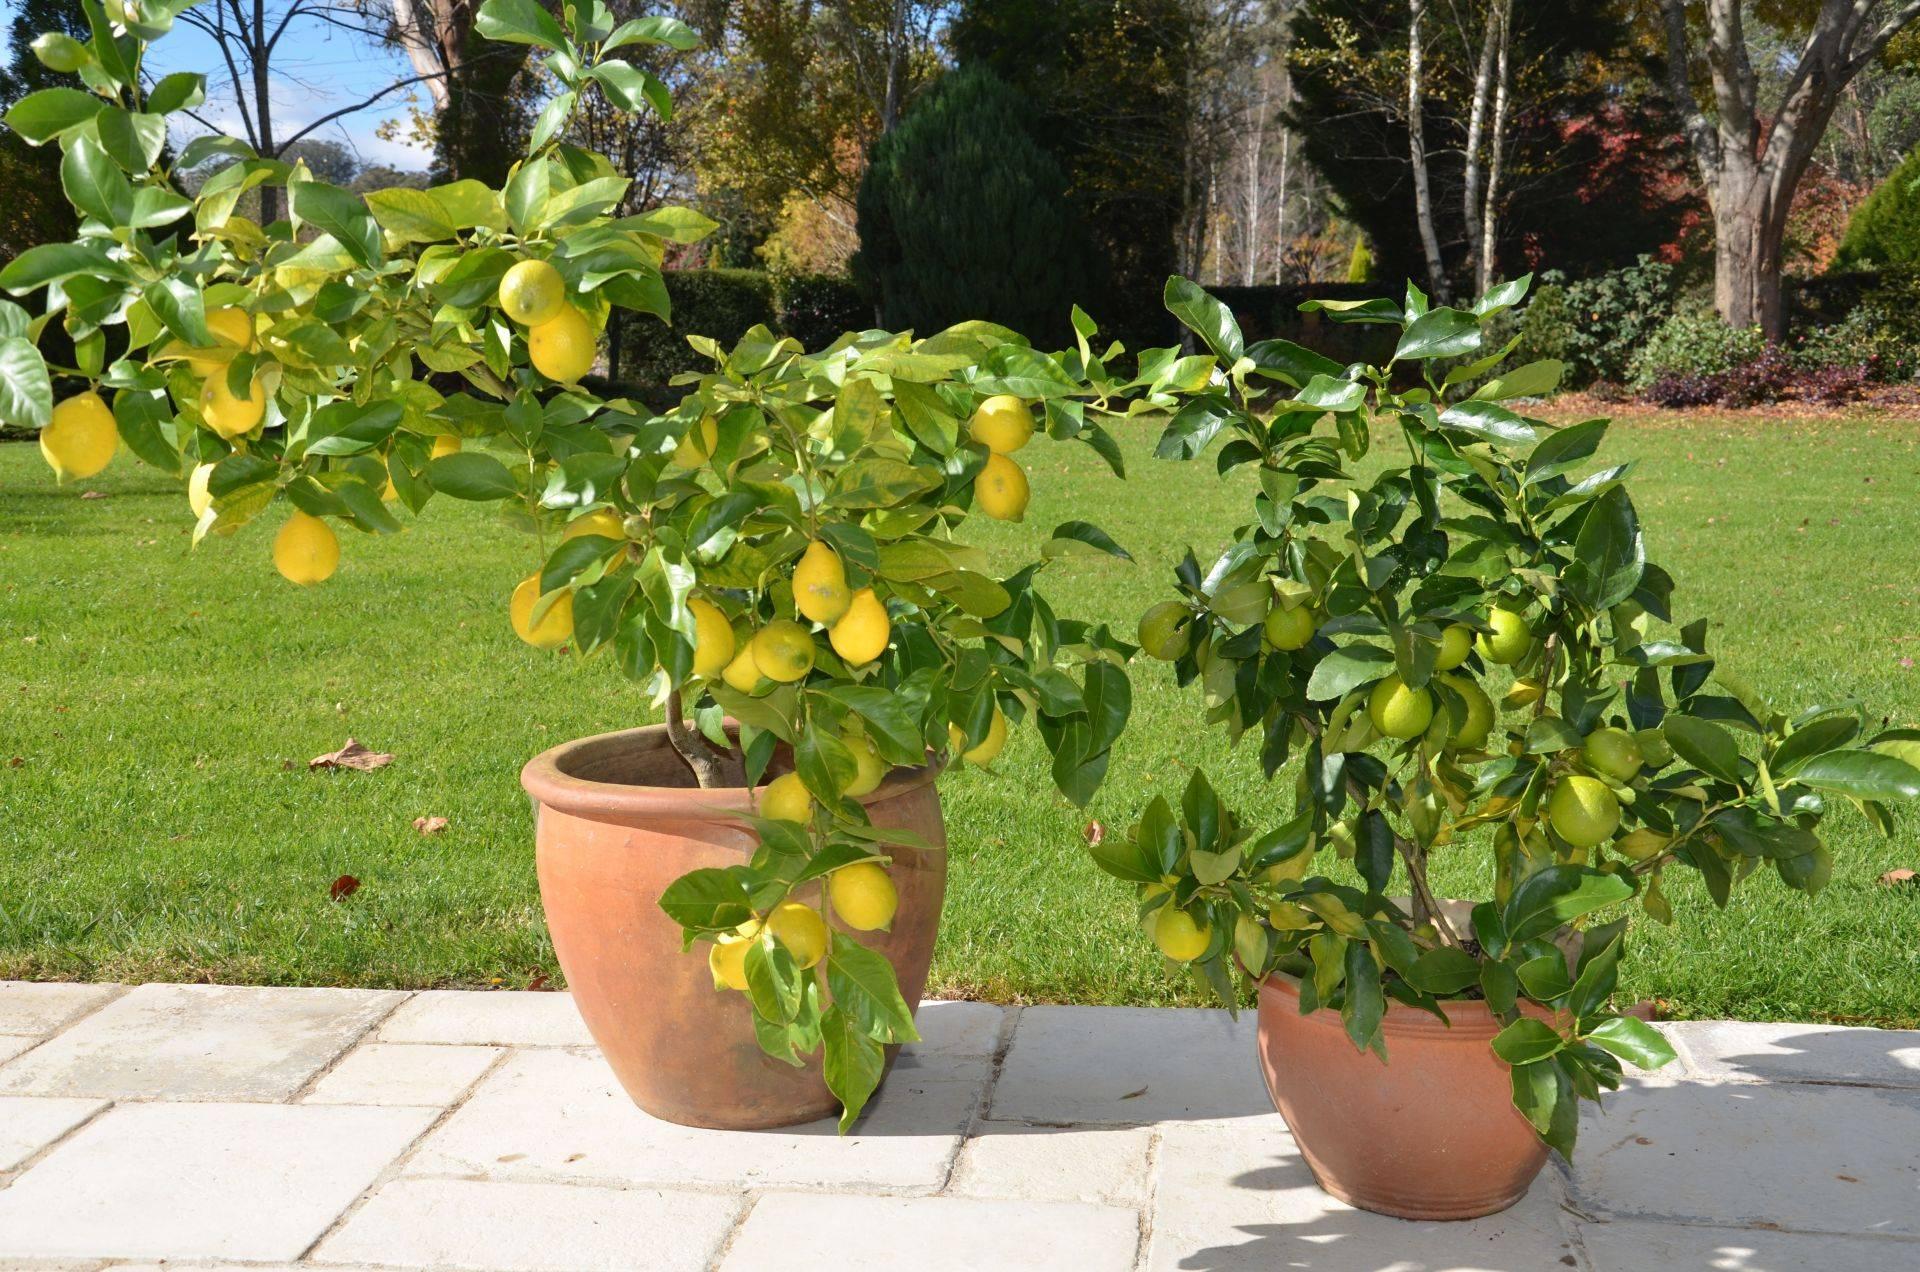 Как вырастить лимон из косточки в домашних условиях в горшке: фото, видео